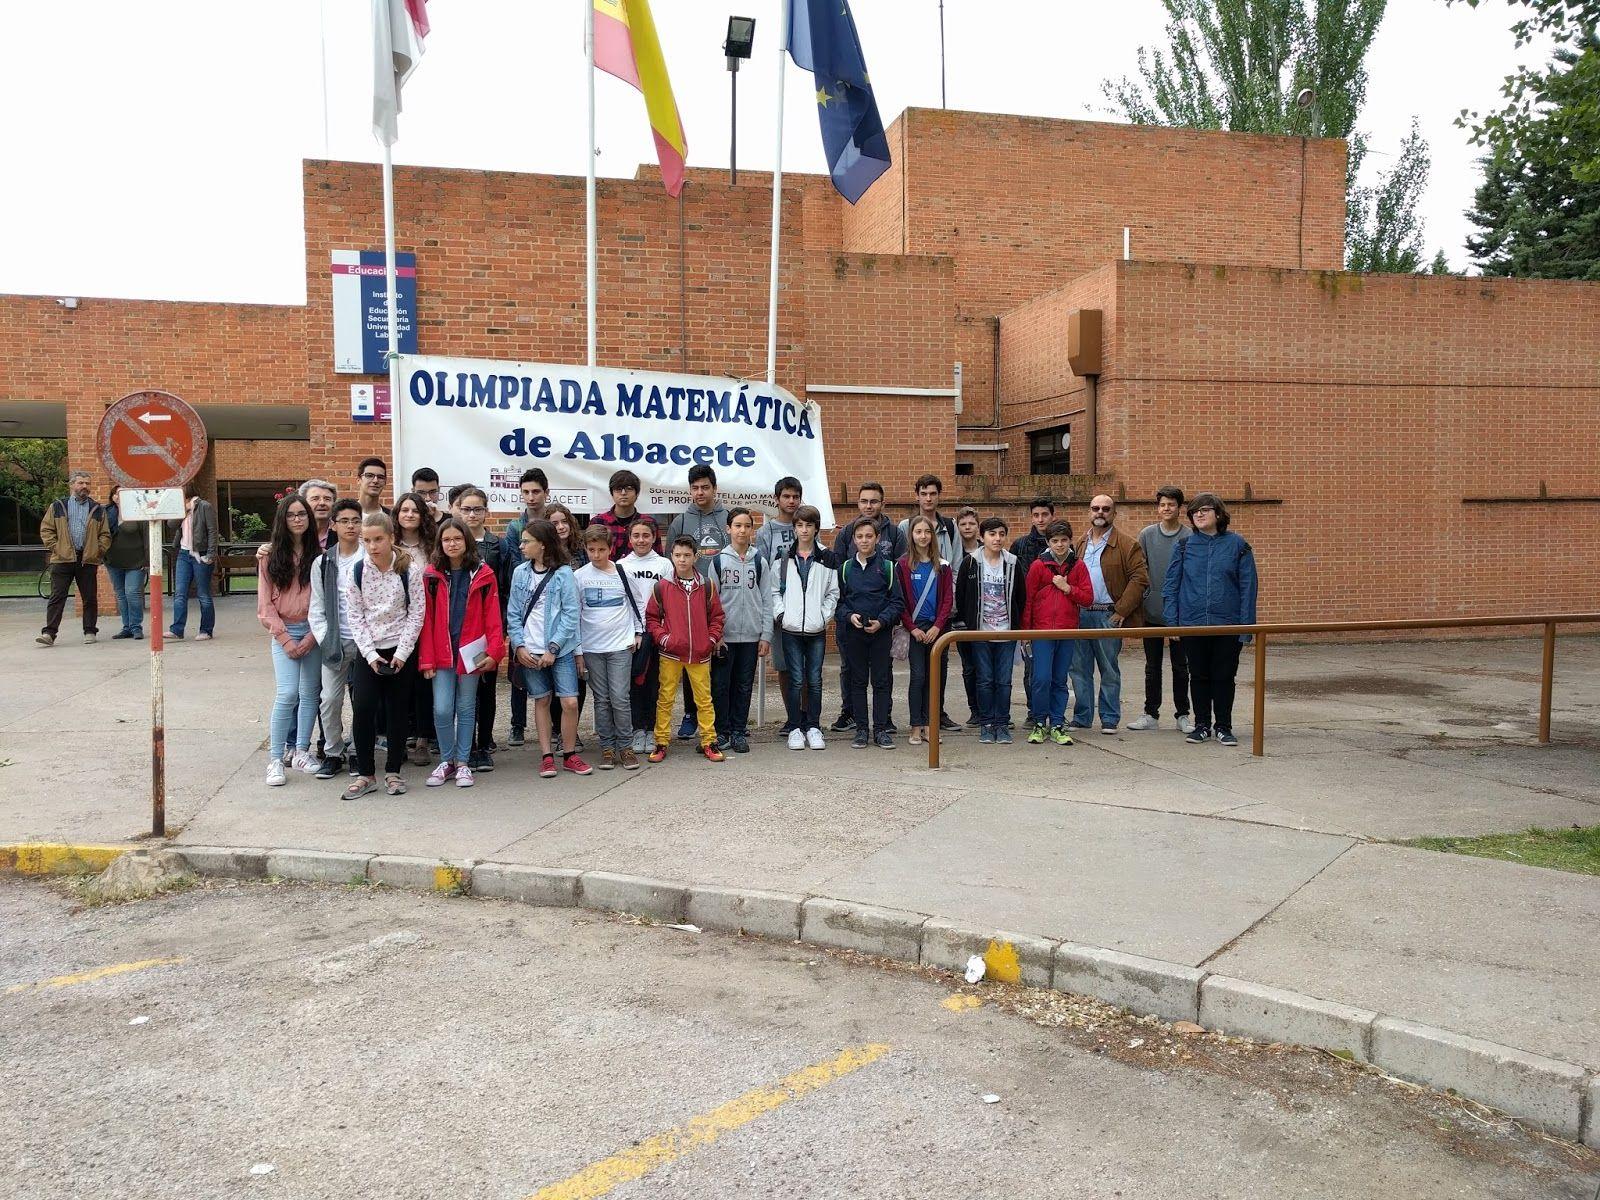 http://tualbacete.com/celebrada-la-final-de-la-xxviii-olimpiada-matematica-provincial-de-albacete-en-el-ies-universidad-laboral/